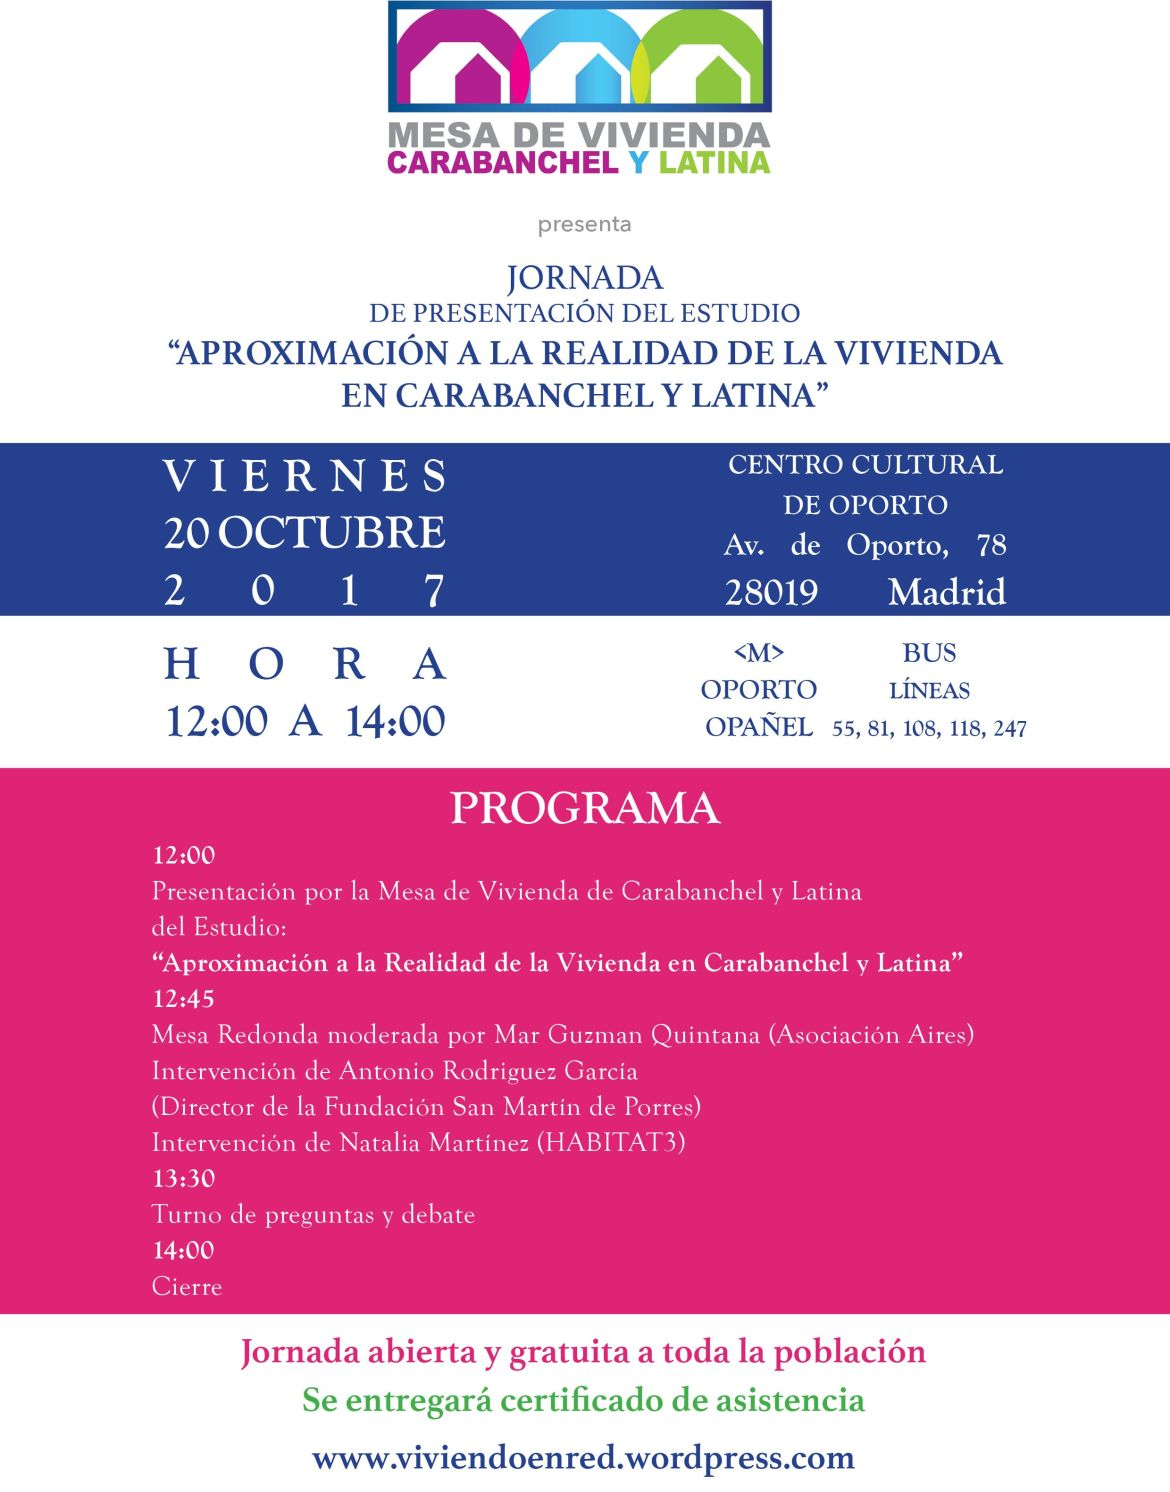 Jornada de presentación del estudio de vivienda Carabanchel y Latina